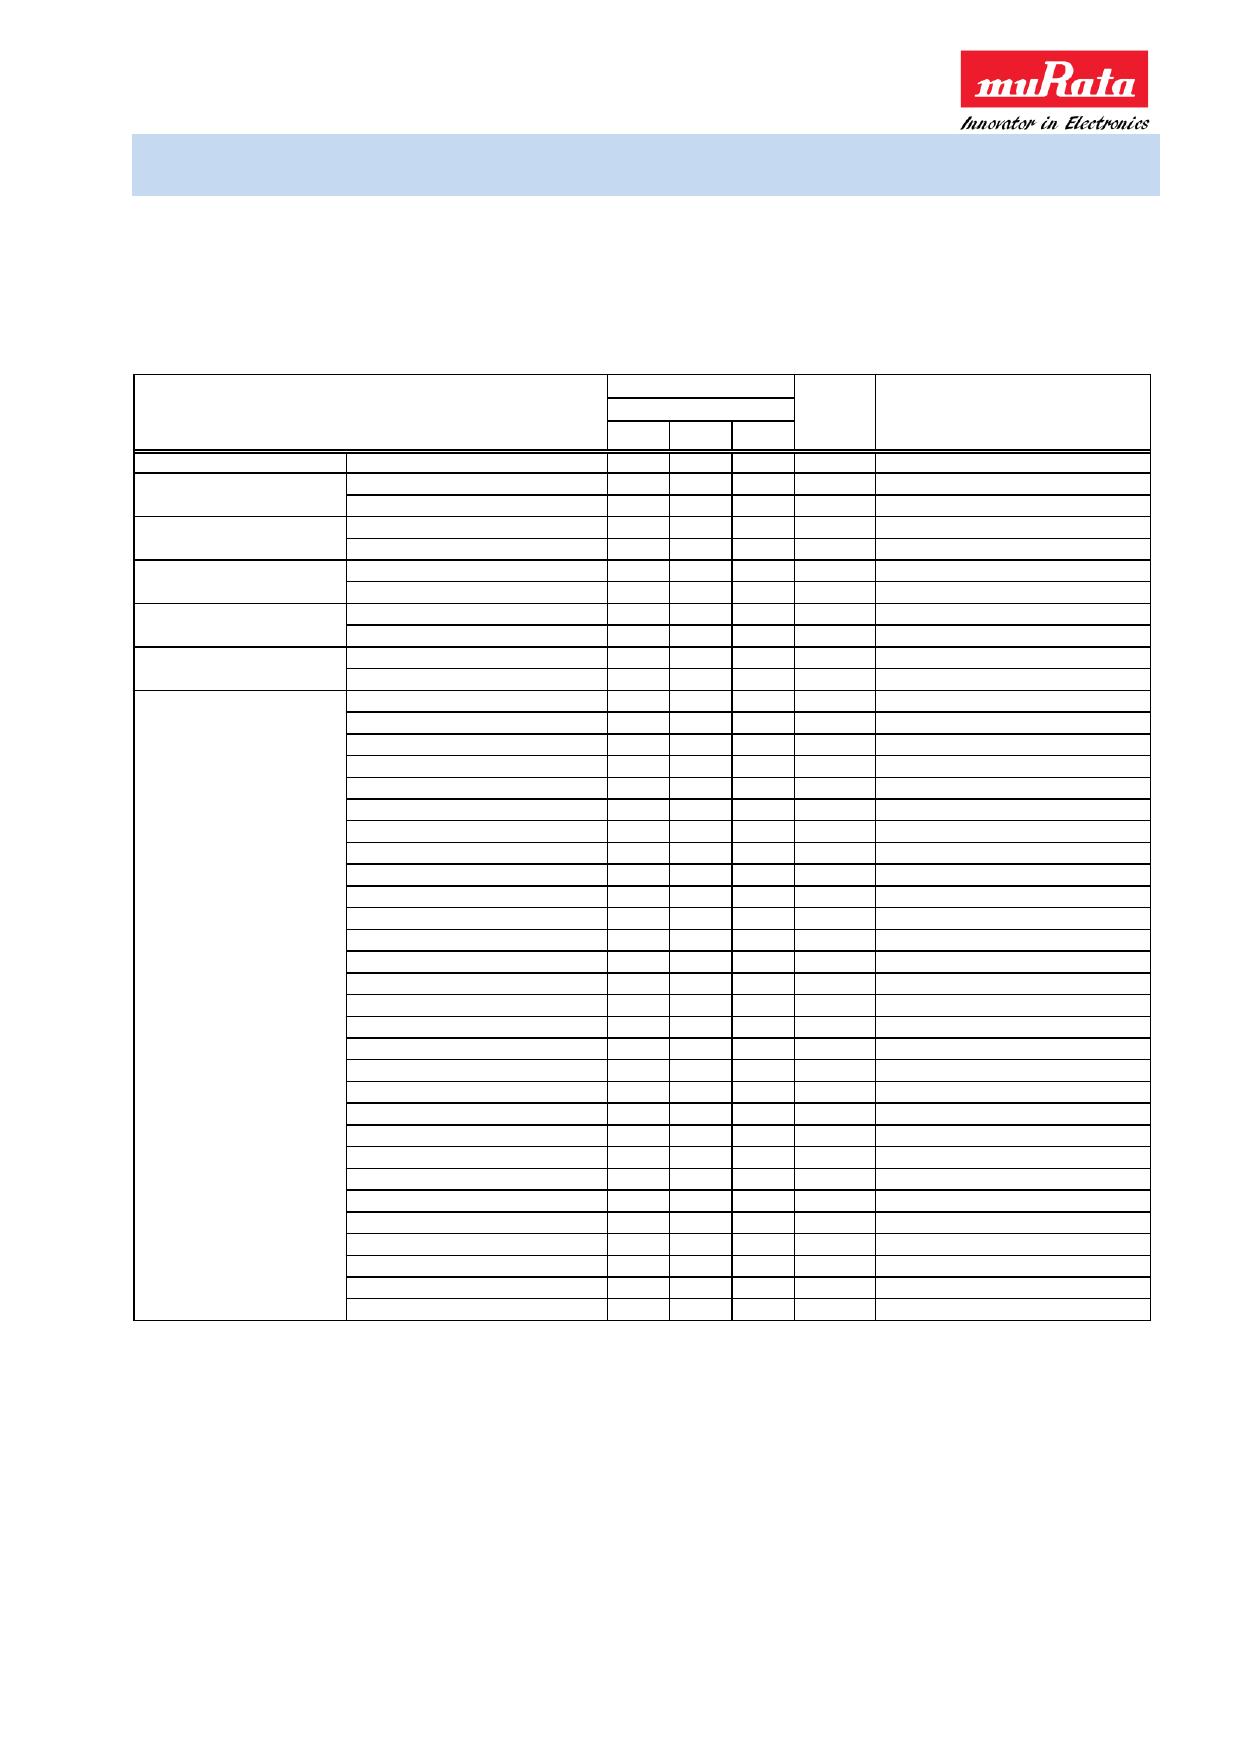 SAFFB2G65FB0F0A pdf, 반도체, 판매, 대치품